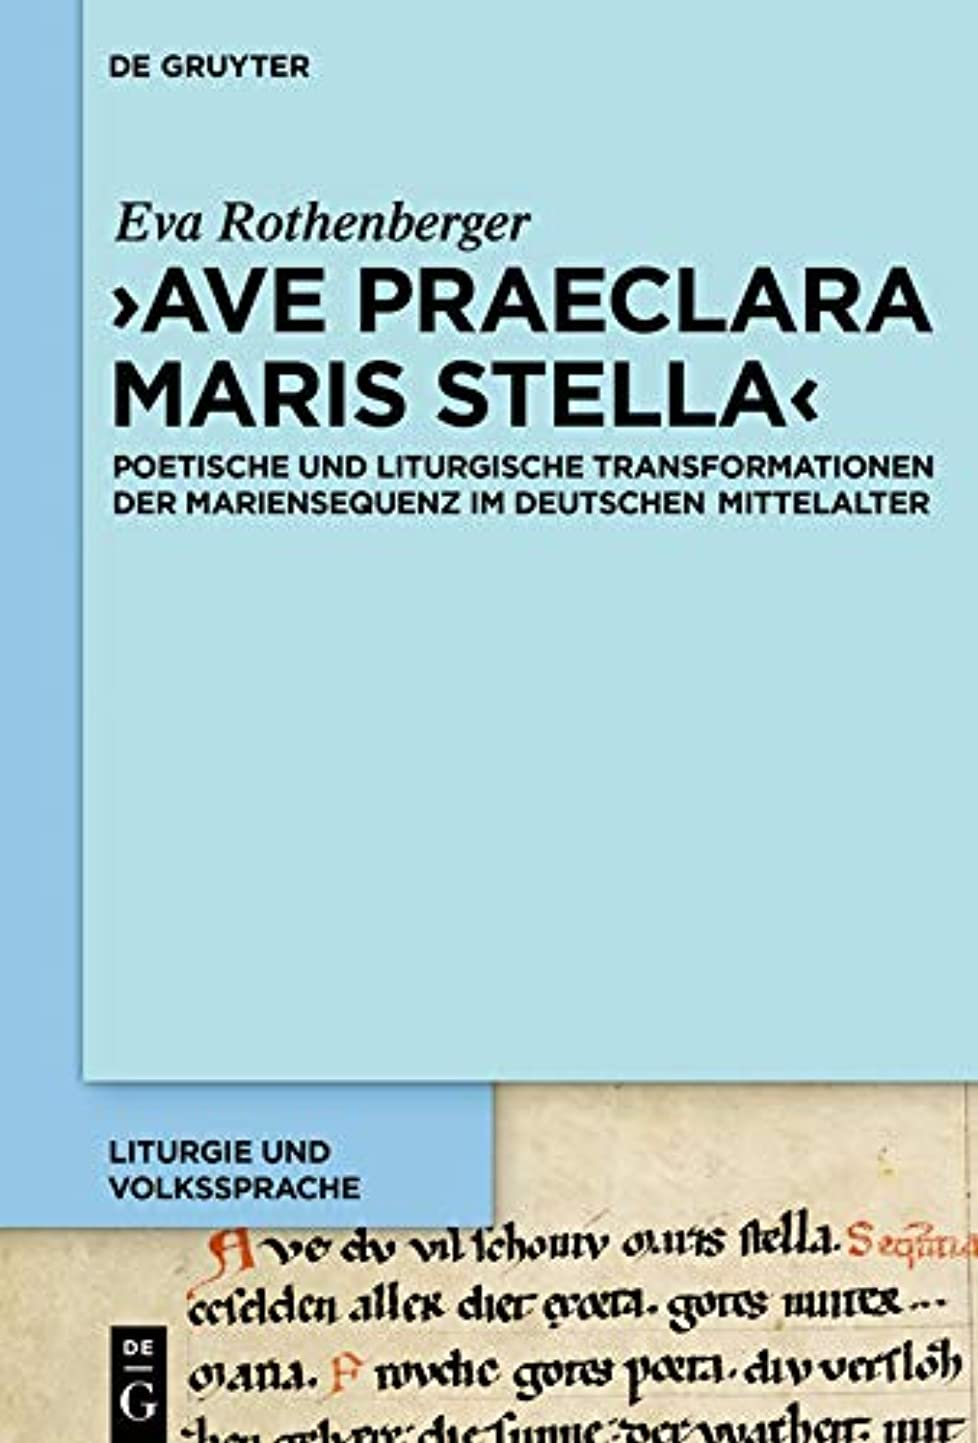 バケット思いやりのある高度'Ave praeclara maris stella': Poetische und liturgische Transformationen der Mariensequenz im deutschen Mittelalter (Liturgie und Volkssprache 2) (German Edition)